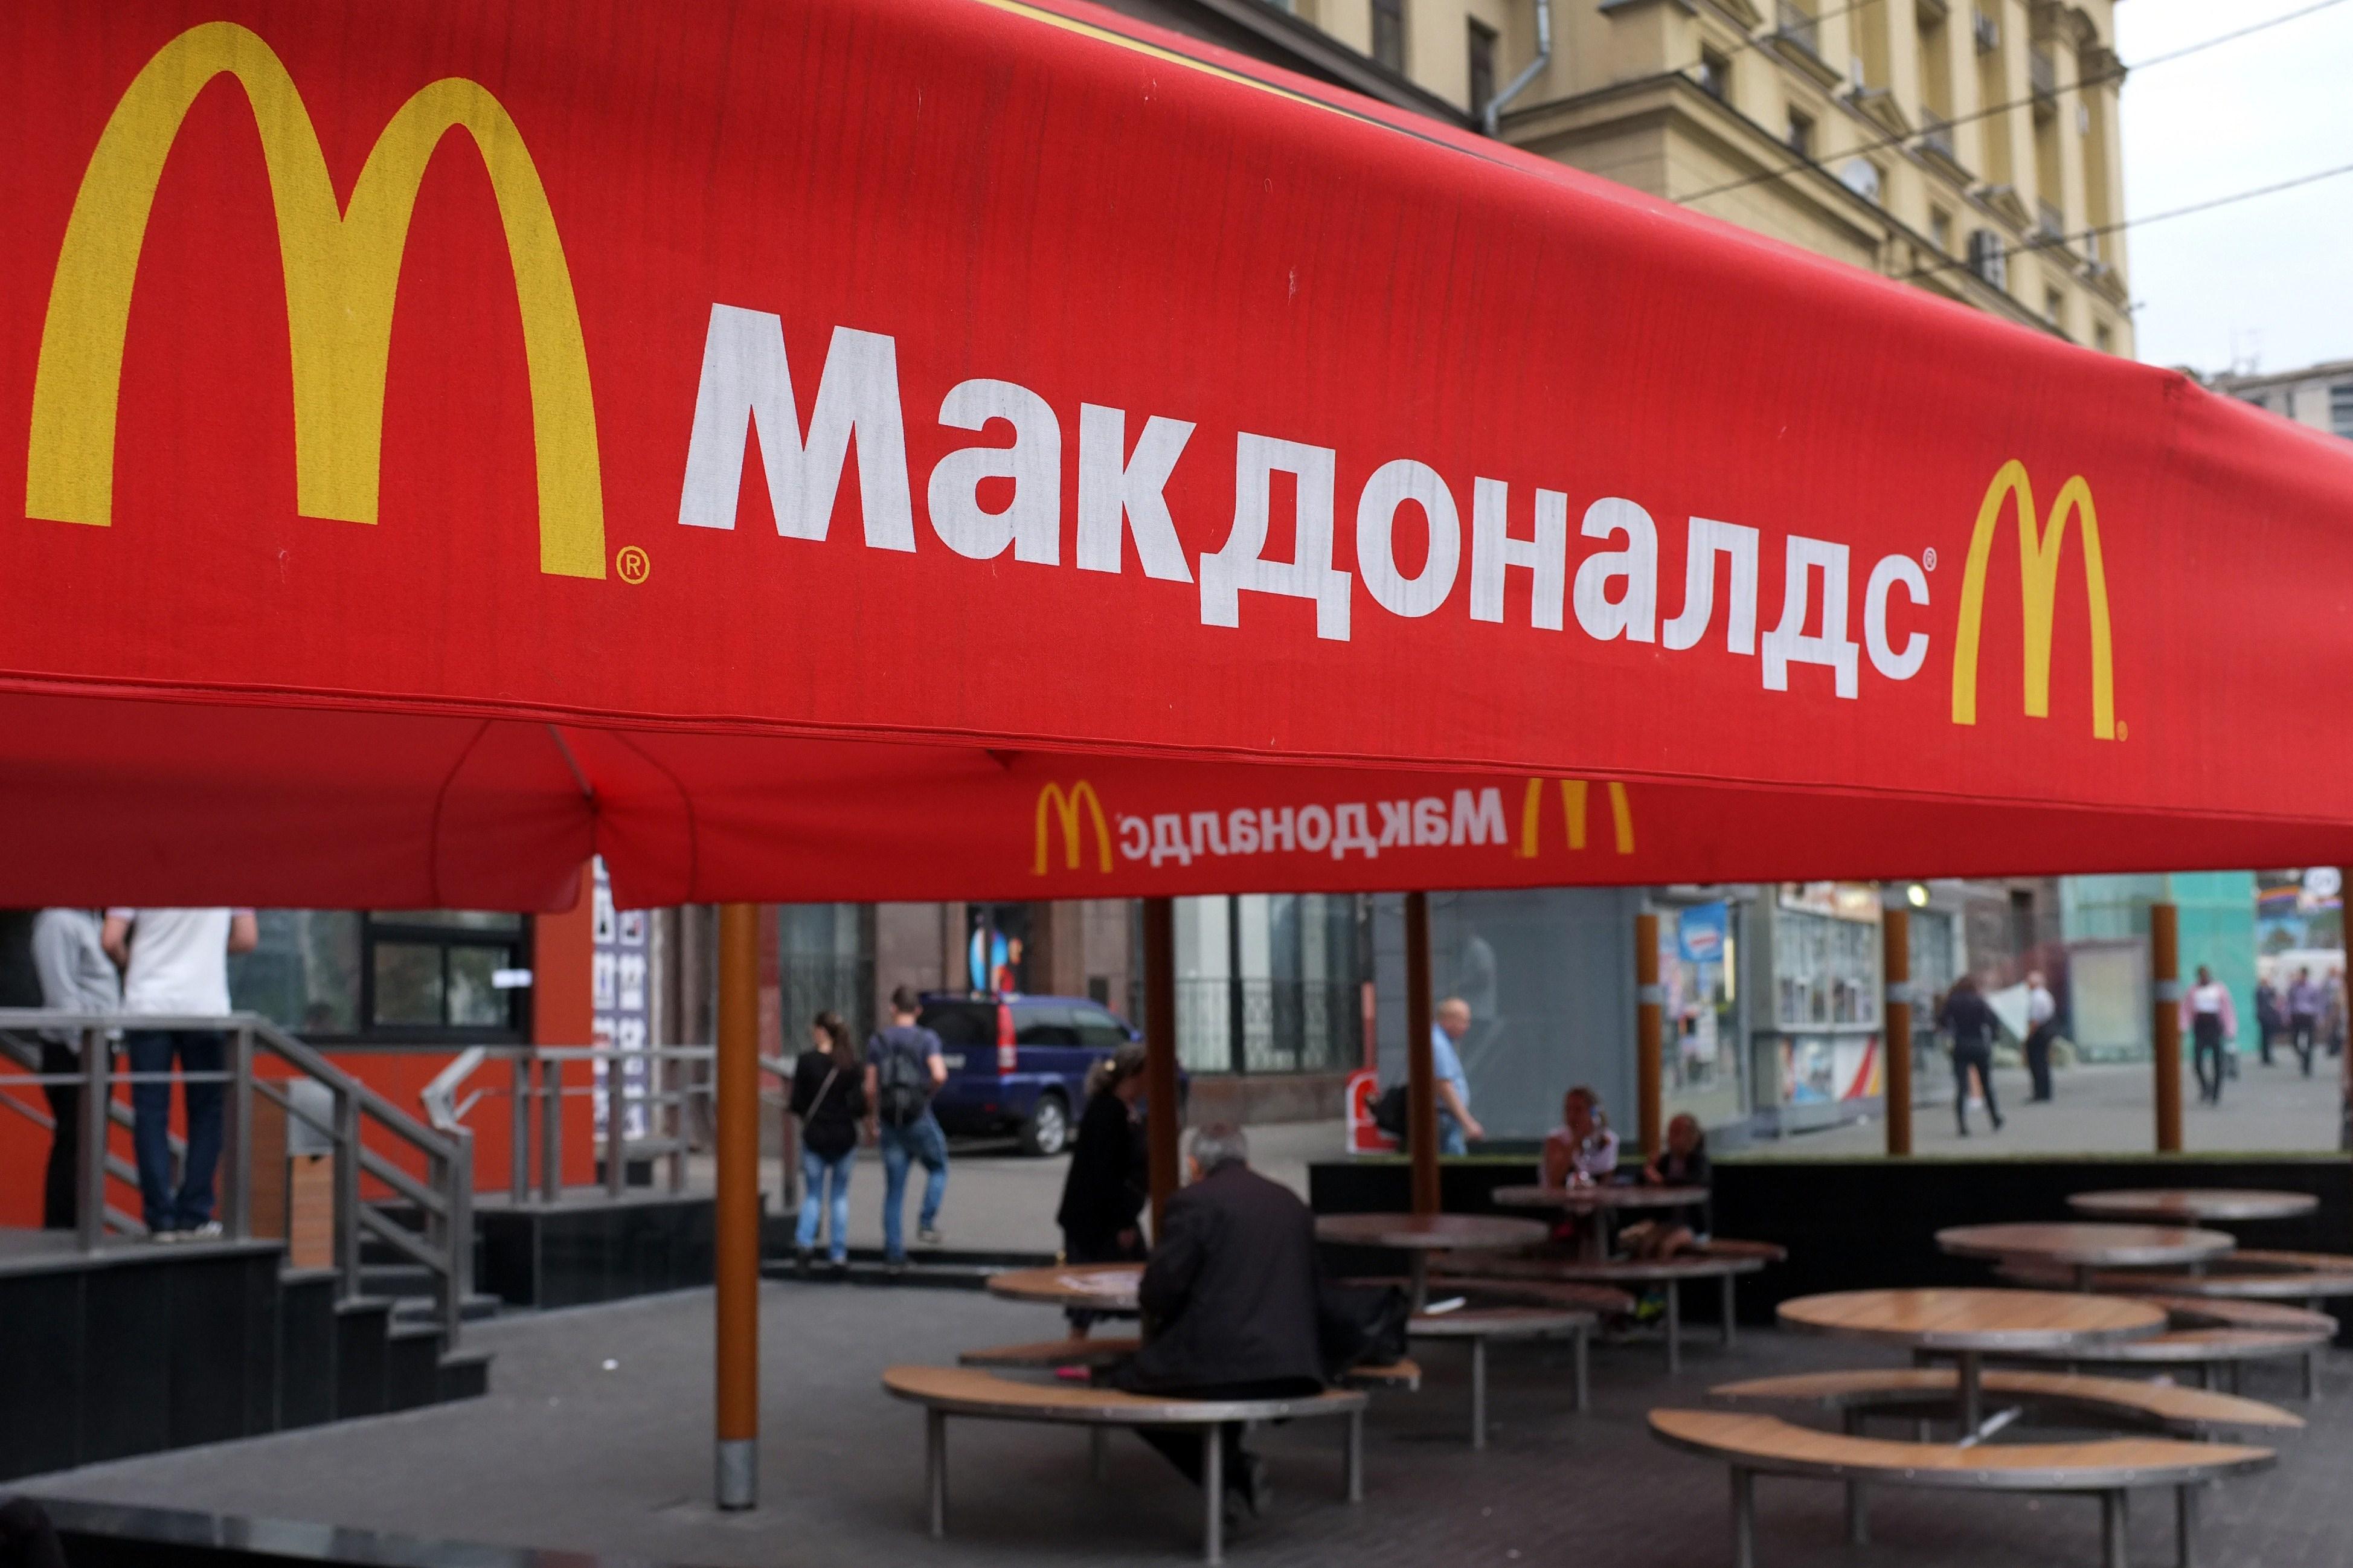 Russland macht ernst: Weitere McDonald's Filialen geschlossen